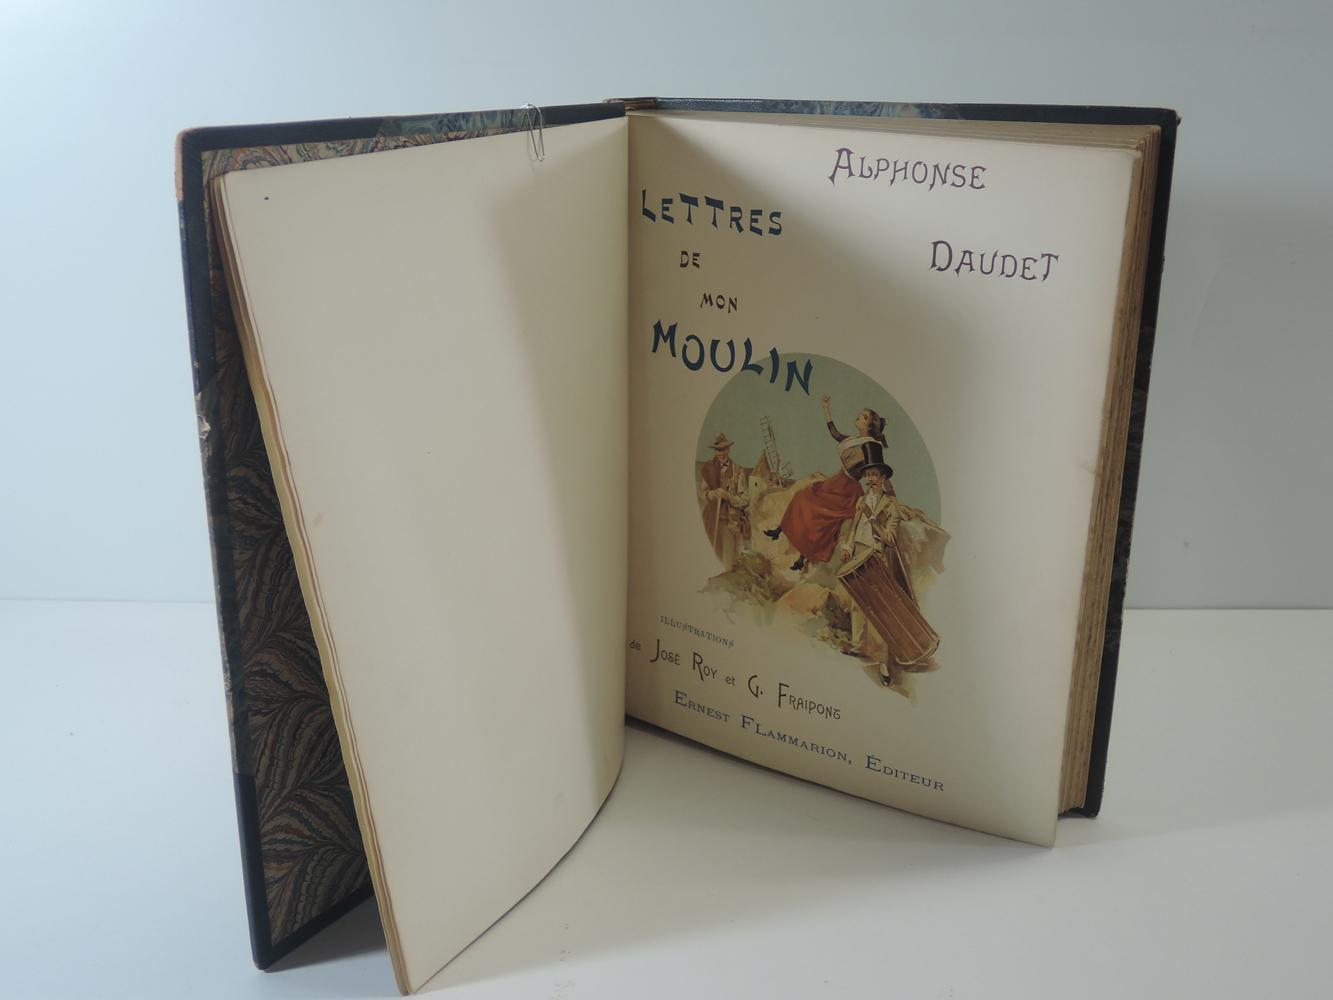 alphonse-daudet-lettres-de-mon-moulin-flammarion-1690--8